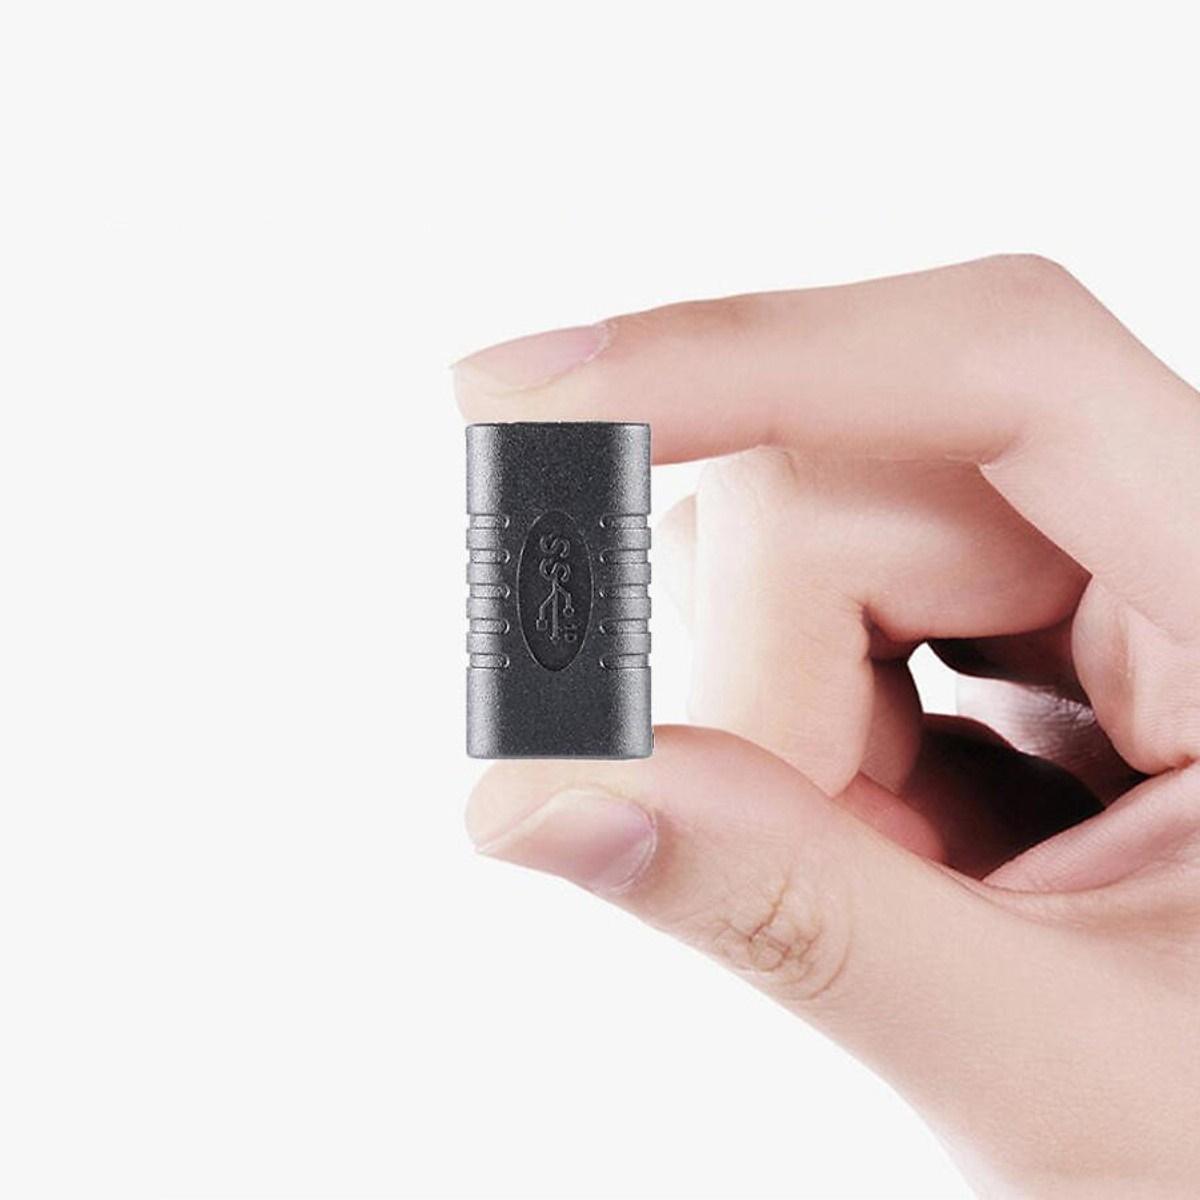 Đầu nối USB Type C 2 đầu cái - Đầu nối USB Type C Female To Female - Hàng nhập khẩu